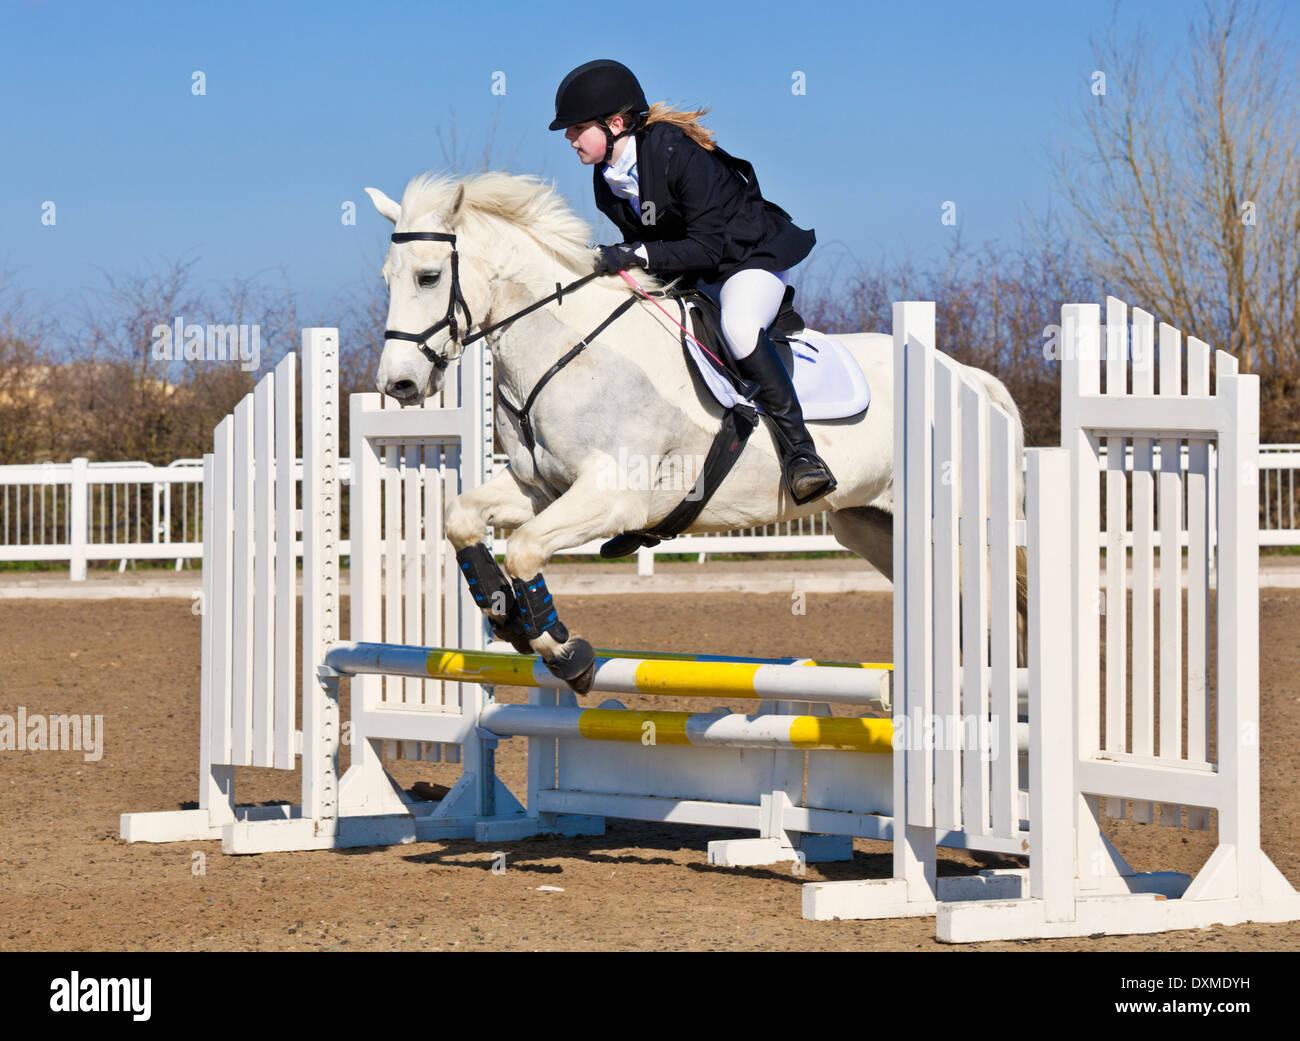 Ragazza giovane saltando un cavallo bianco pony su un salto a un evento showjumping Immagini Stock